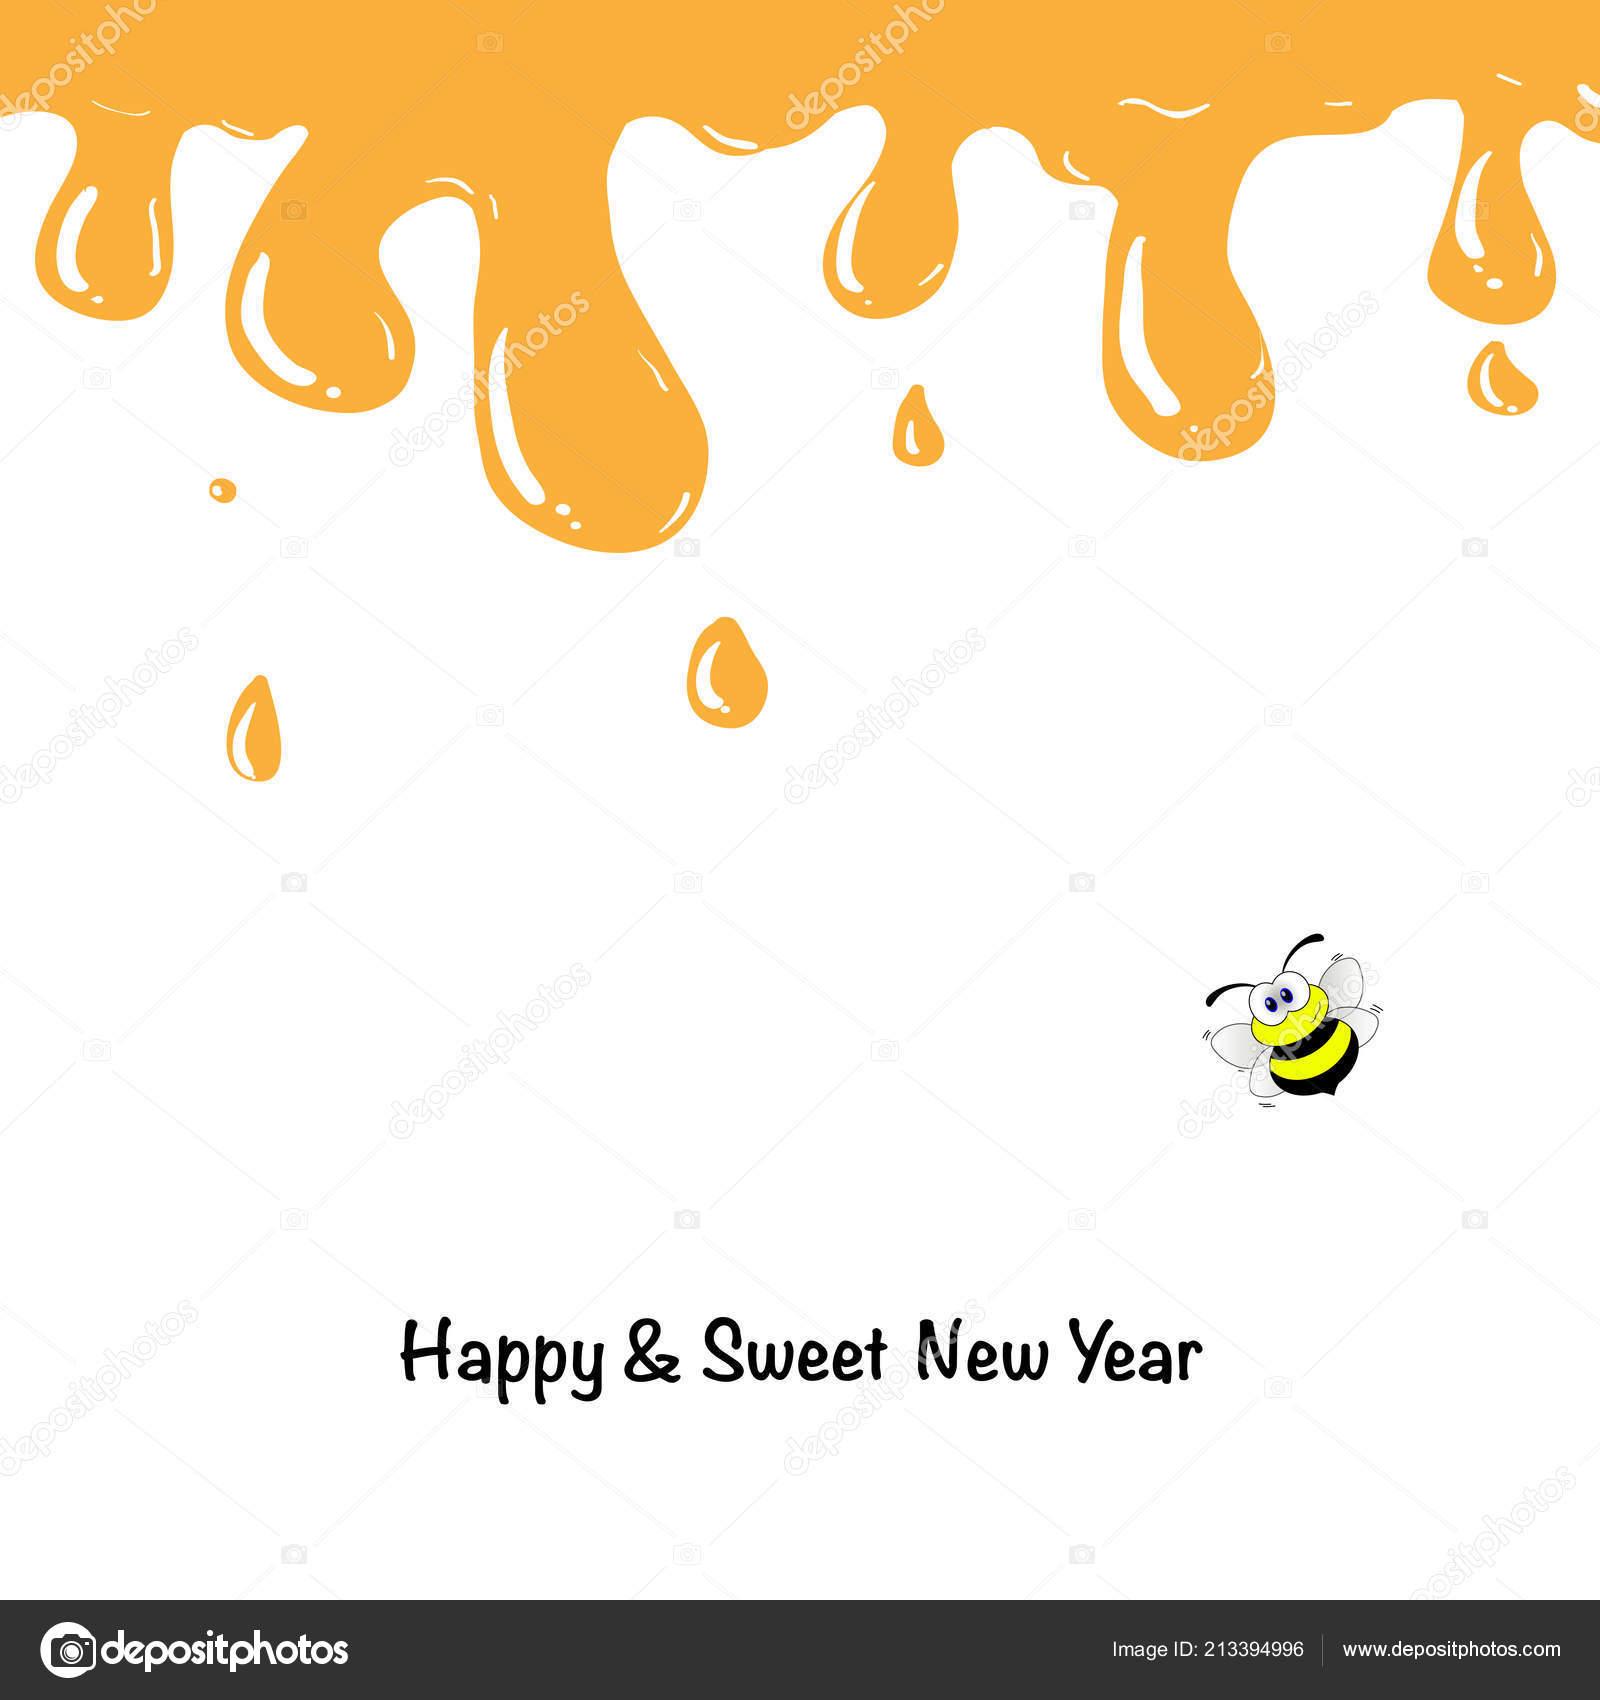 Honey Drips Shana Tova Greetings Rosh Hashanah Card Template